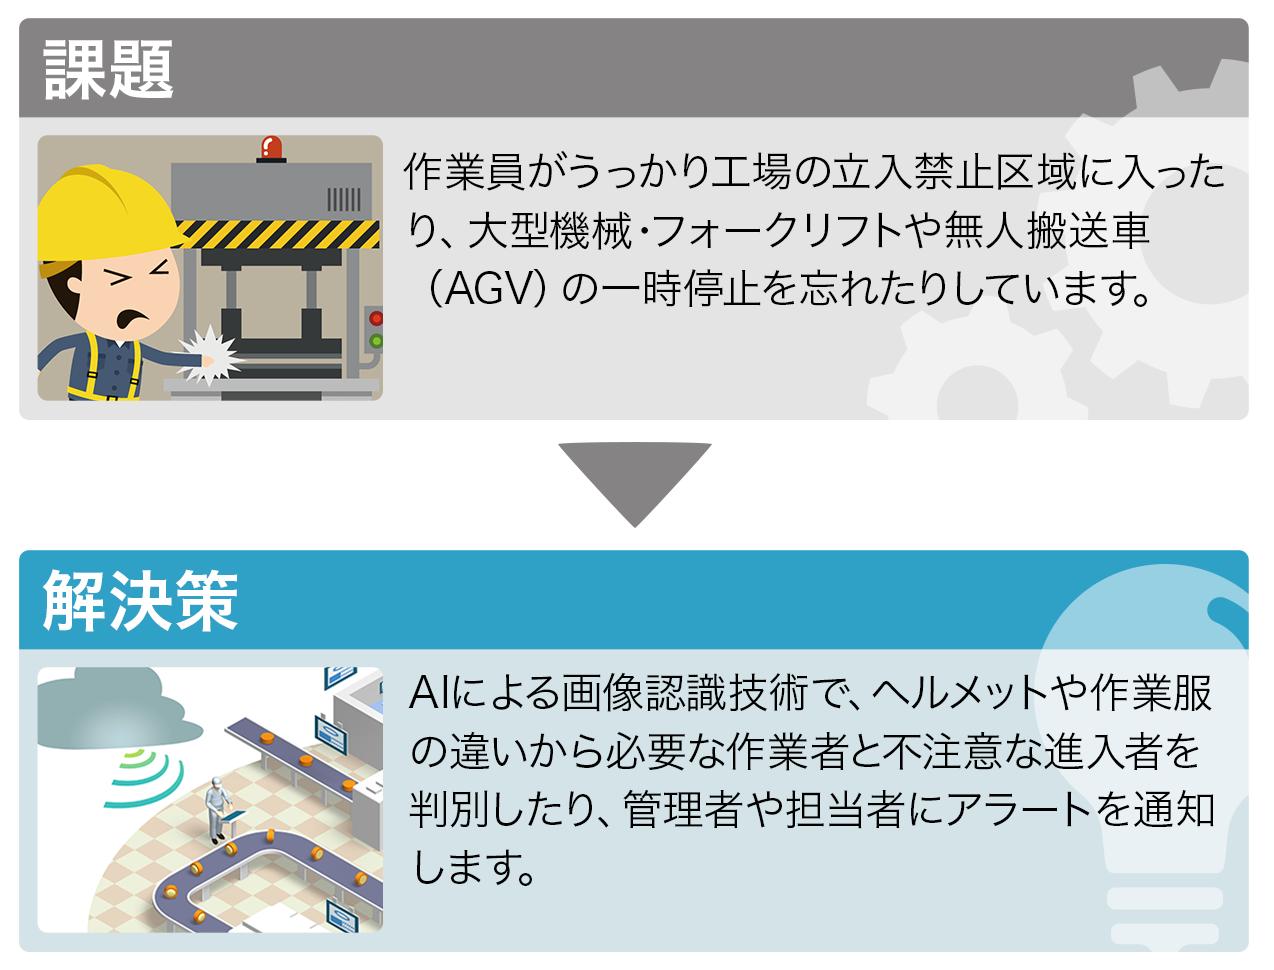 工場の安全対策